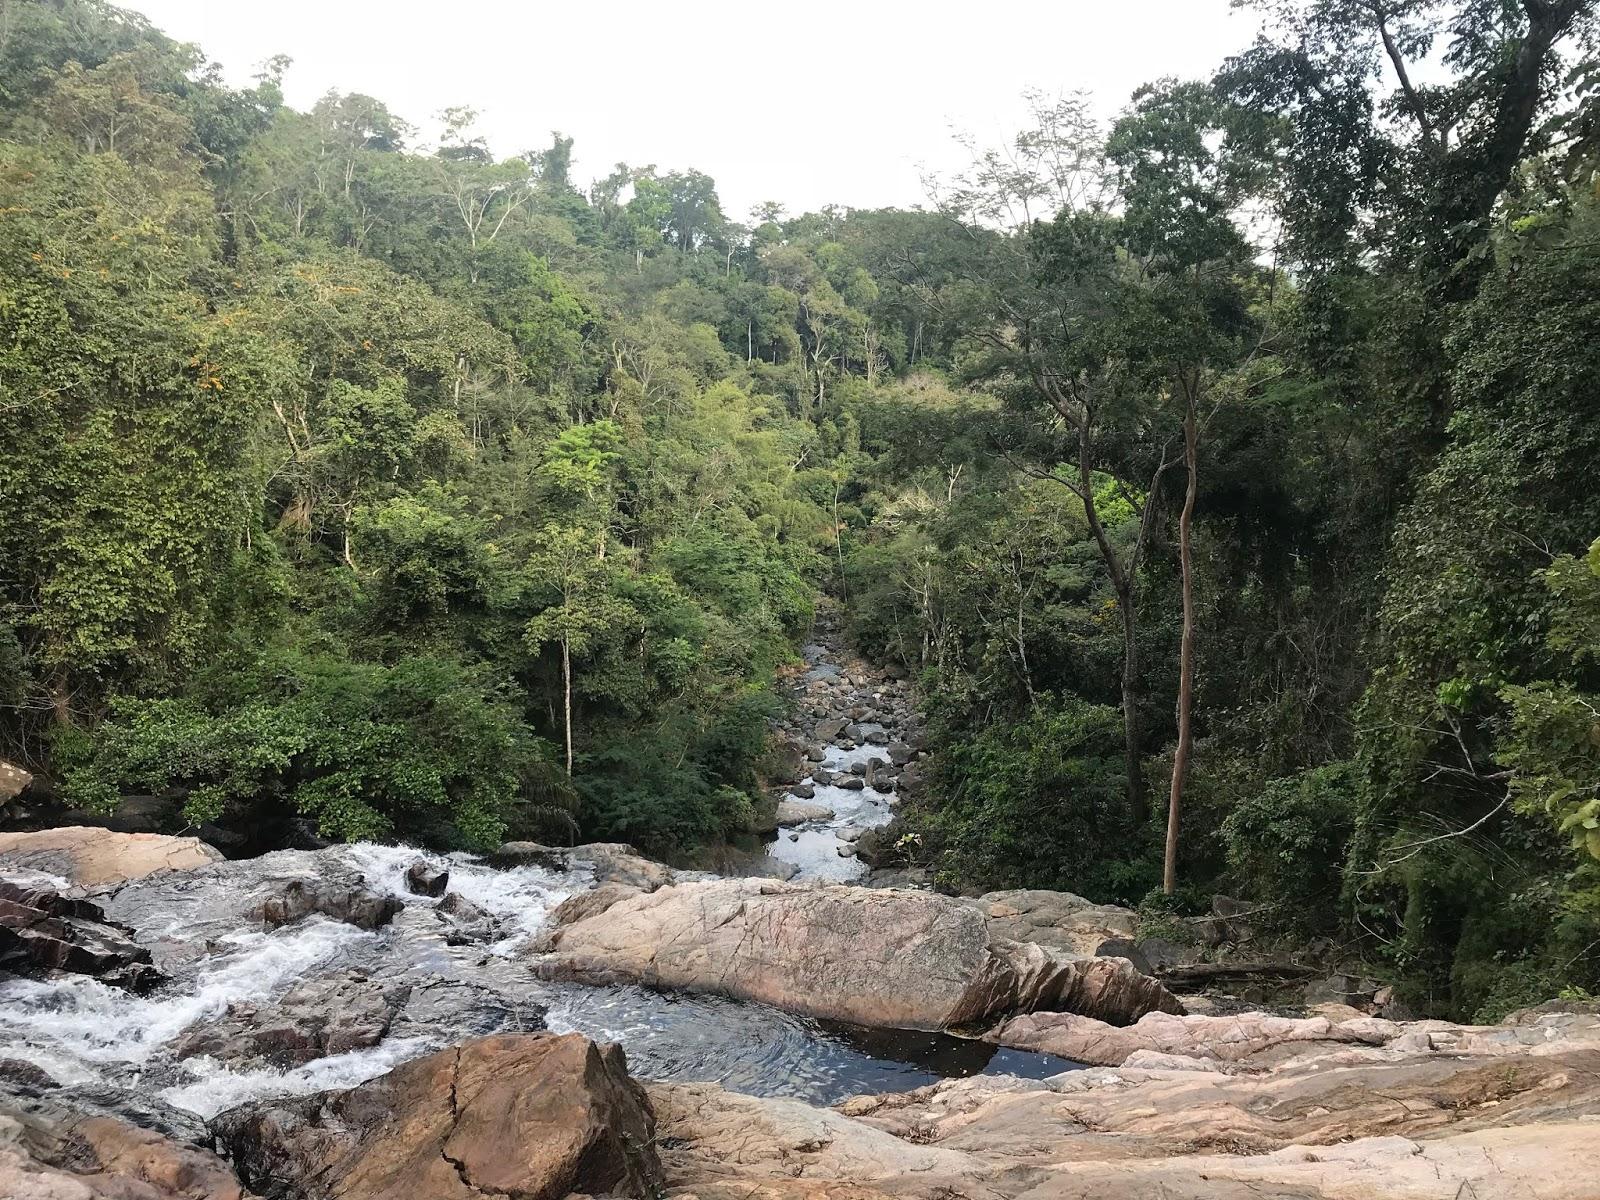 Cachoeira em Colorado do Oeste | Rondônia